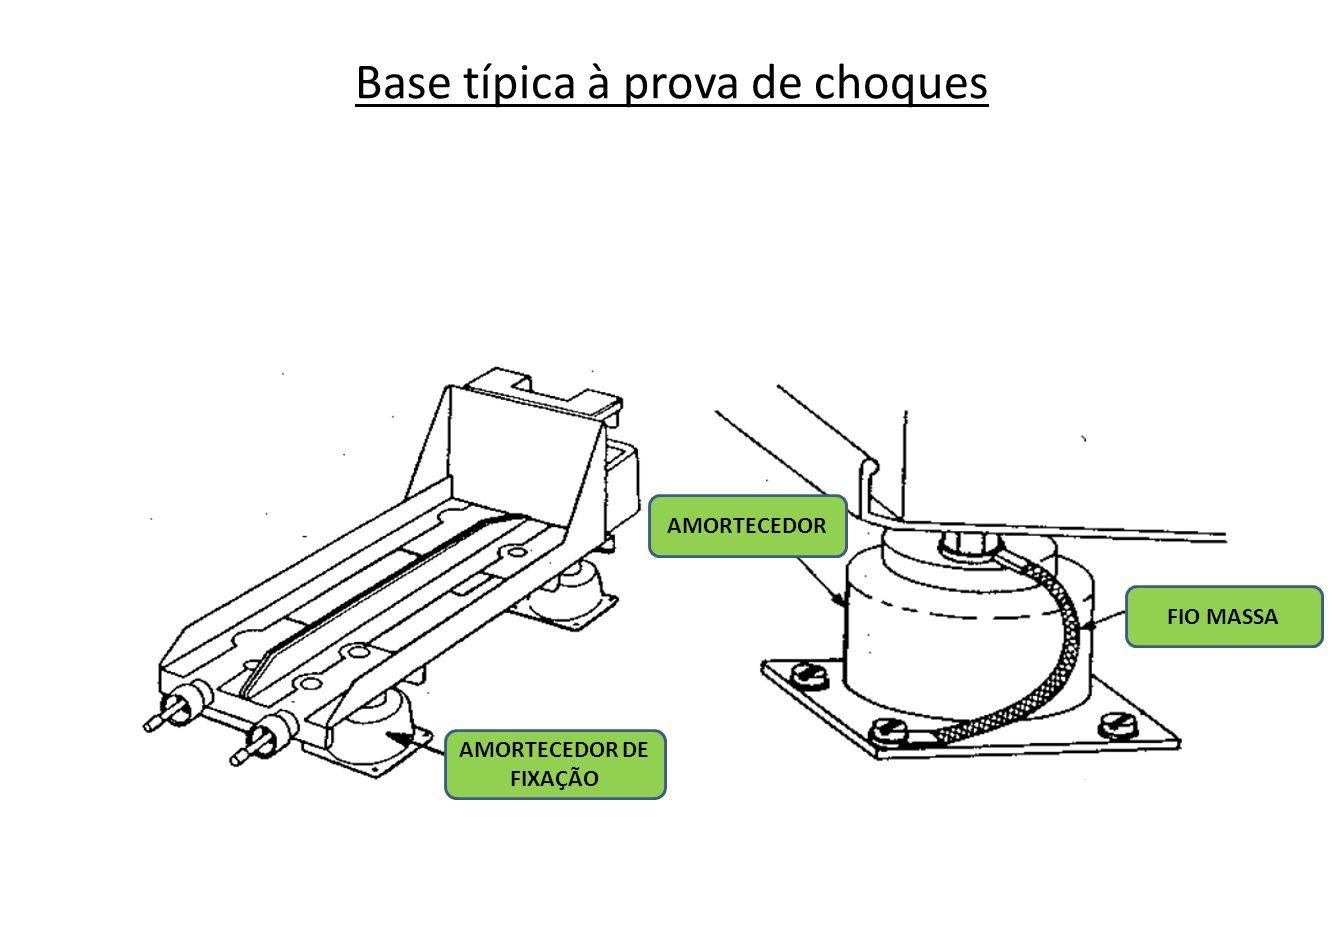 Base típica à prova de choques